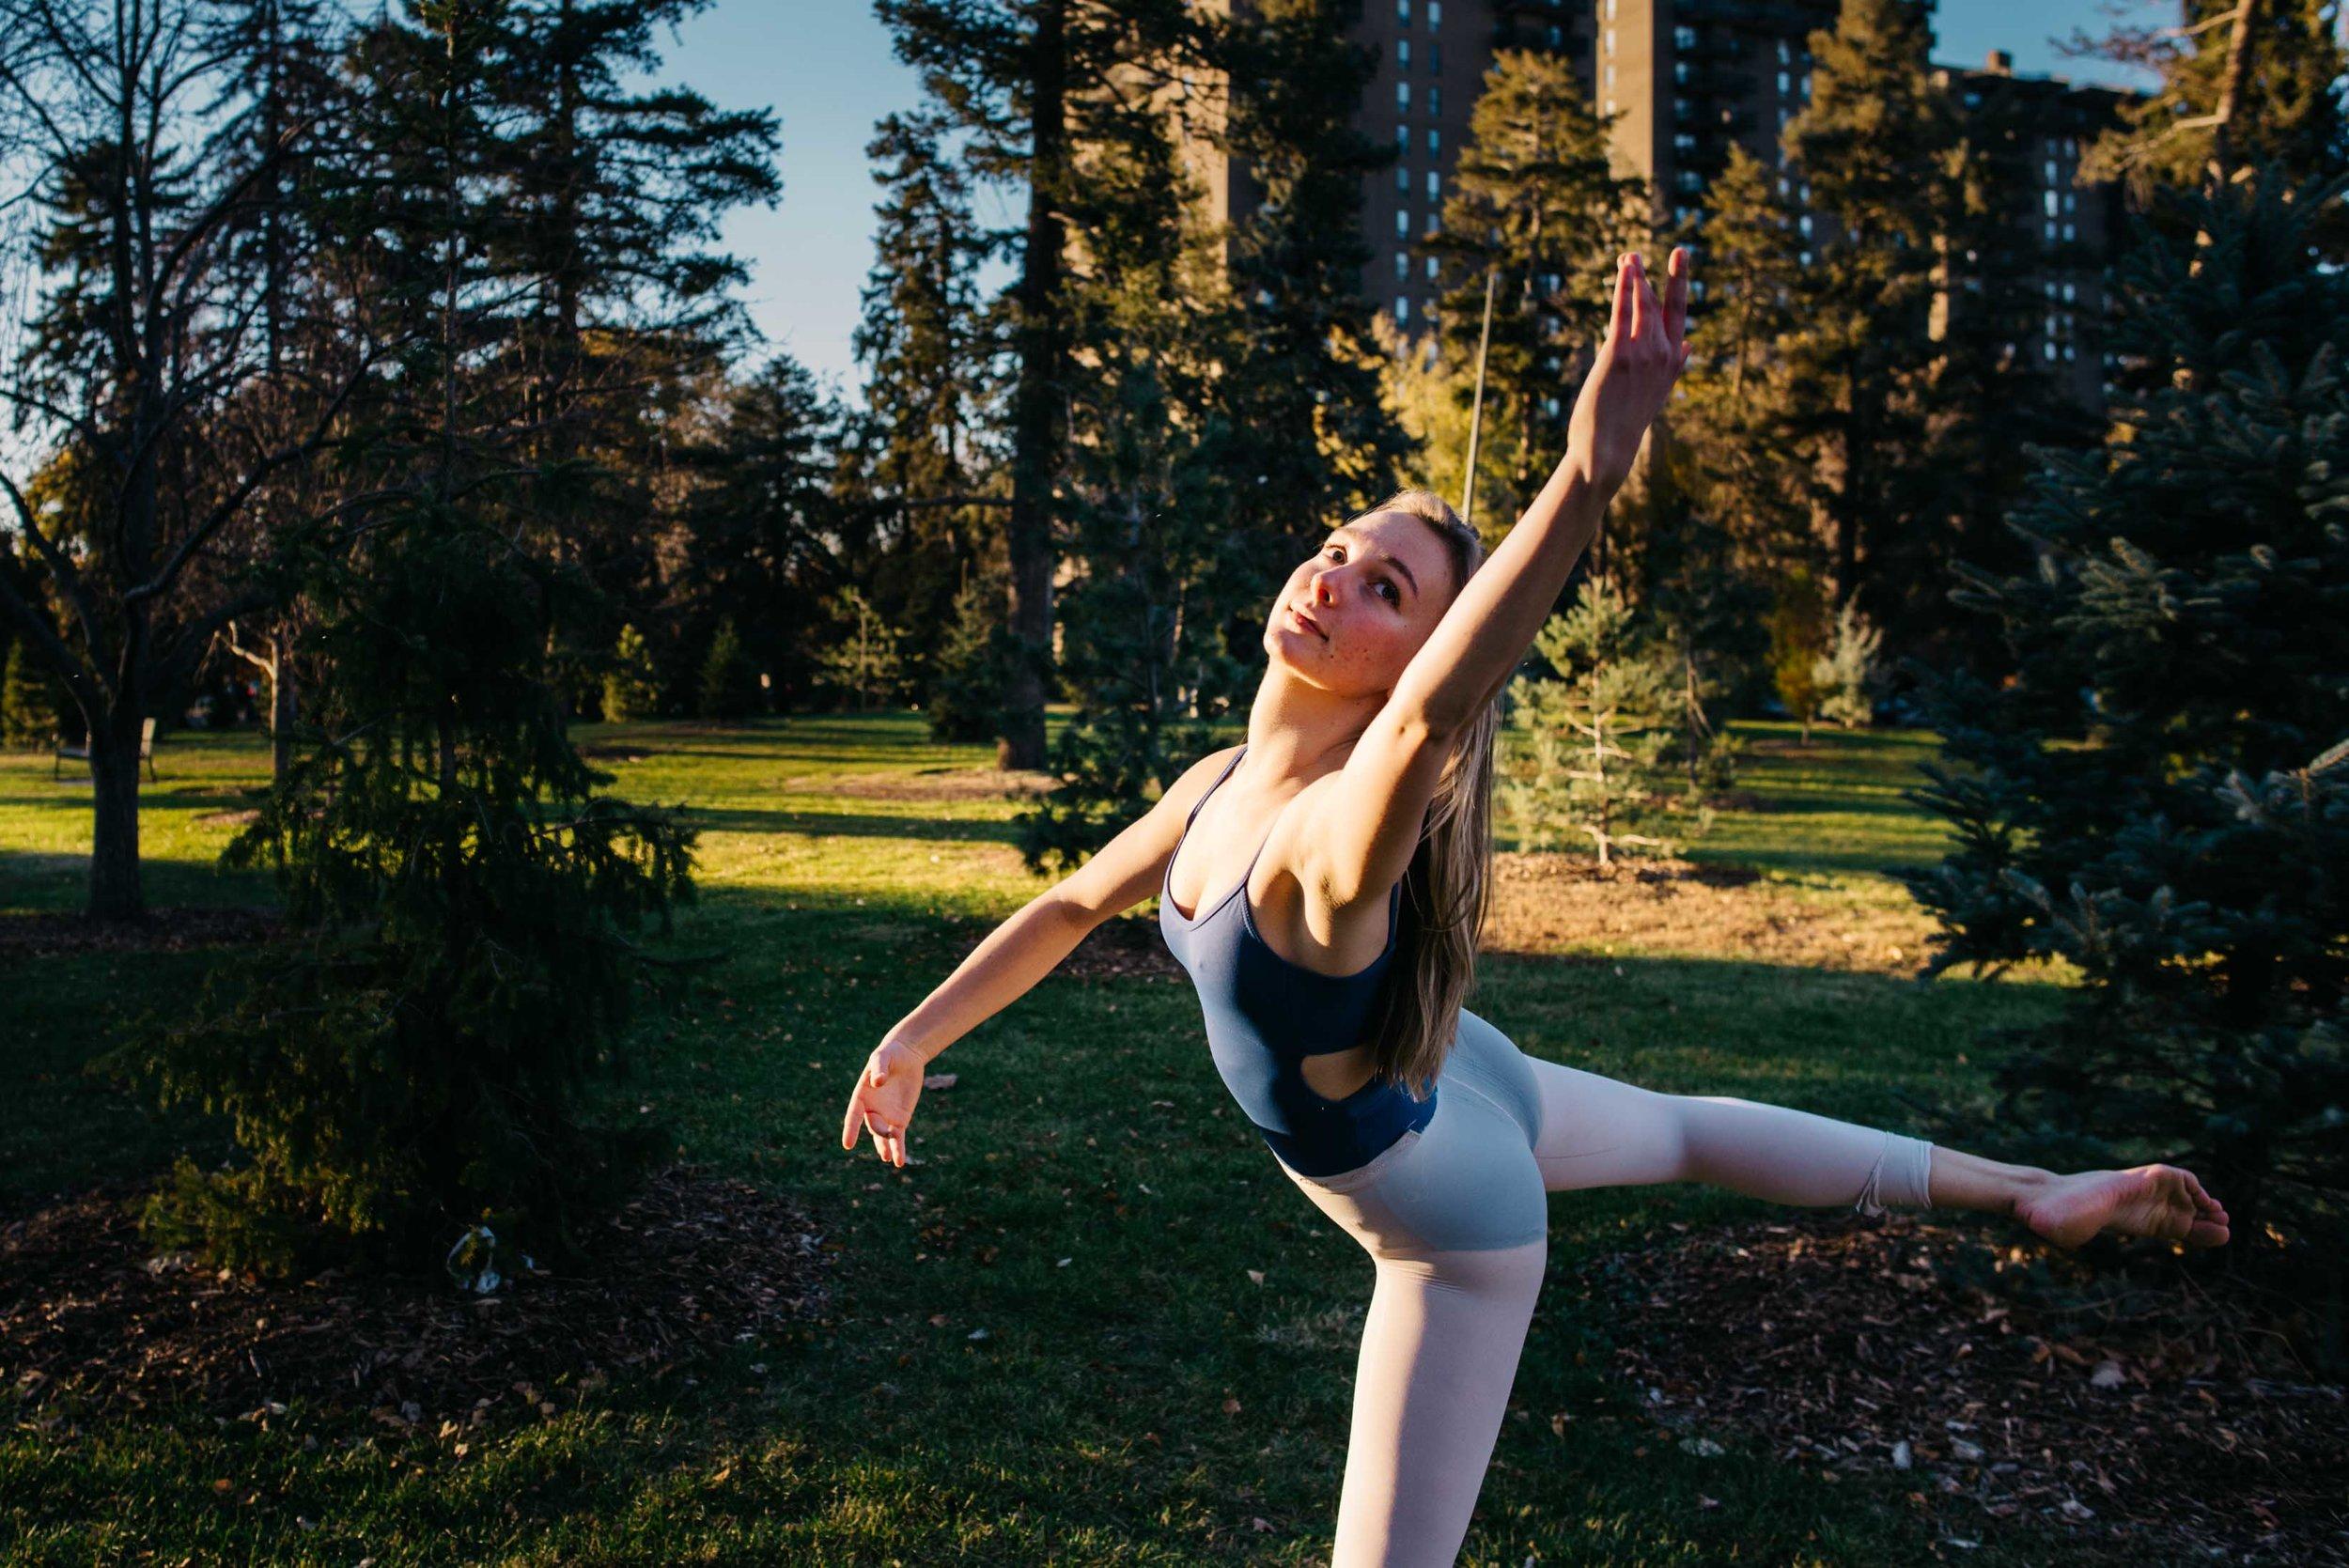 denver-dance-photographer-ballet-photographer-chloe-2017-100.jpg